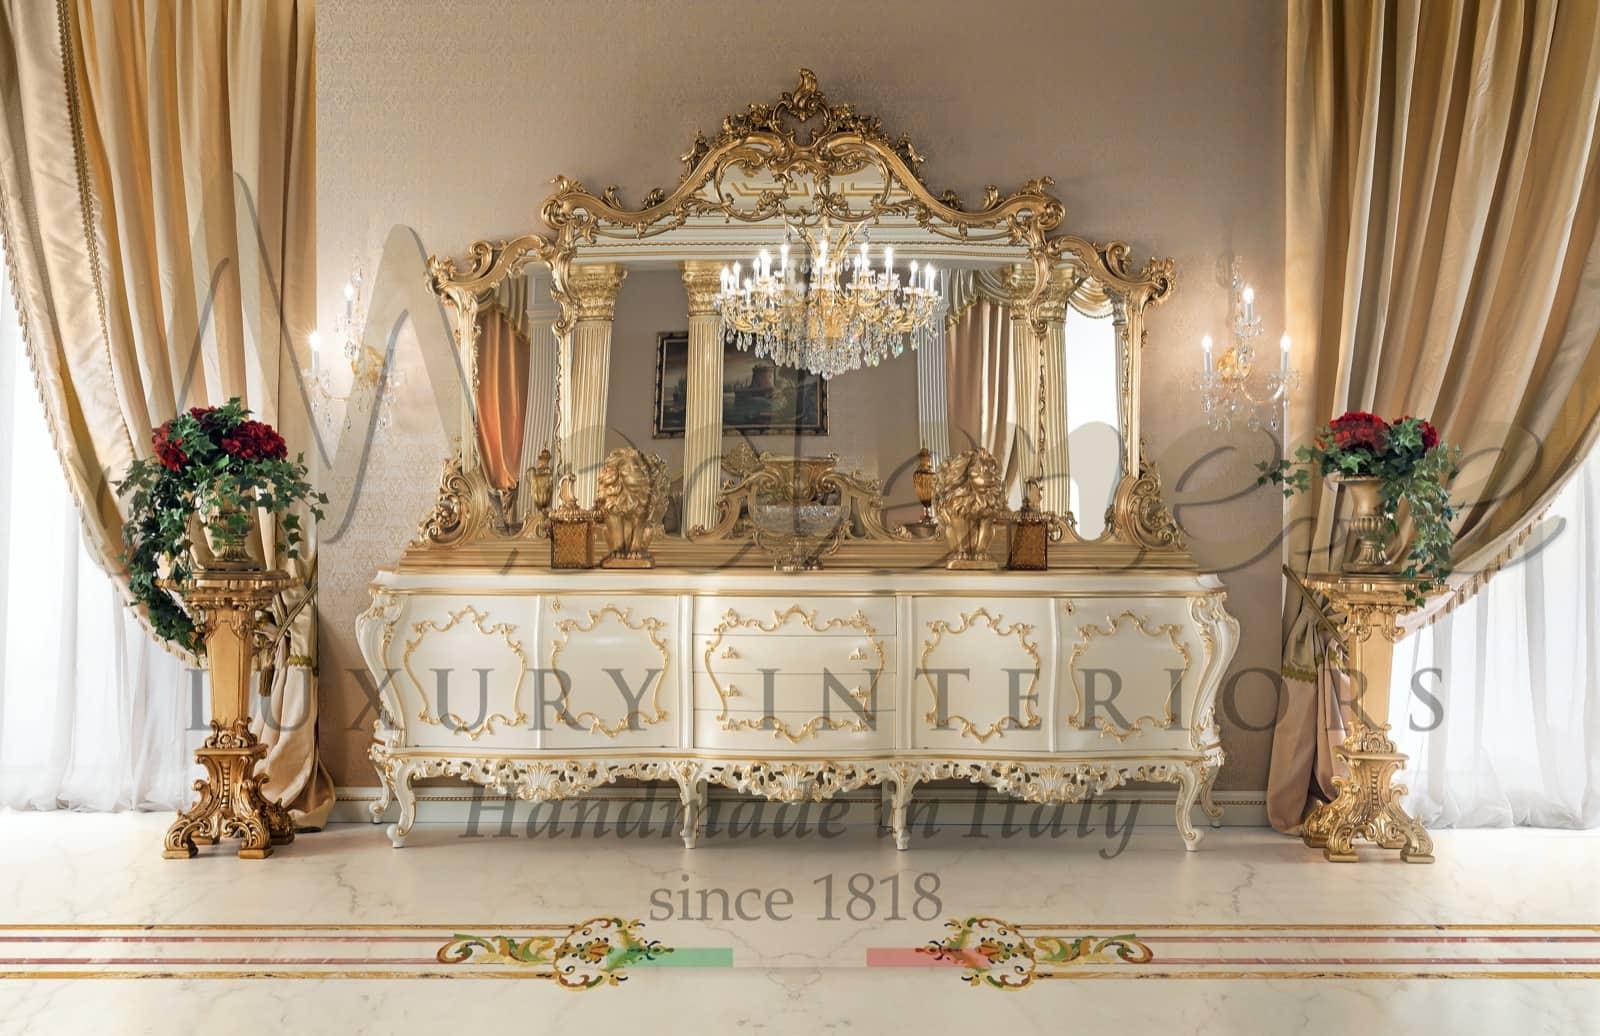 зеркало шкафа, применение сусального золота, золотые детали, классическая роскошная мебель для декора виллы, дворец, королевские идеи, стиль барокко, рококо, стильный дизайн вне времени, вход в дом, сделано в Италии, индивидуальные интерьеры, ваза, подставка, люстры, аксессуары, декор, уникальные предметы